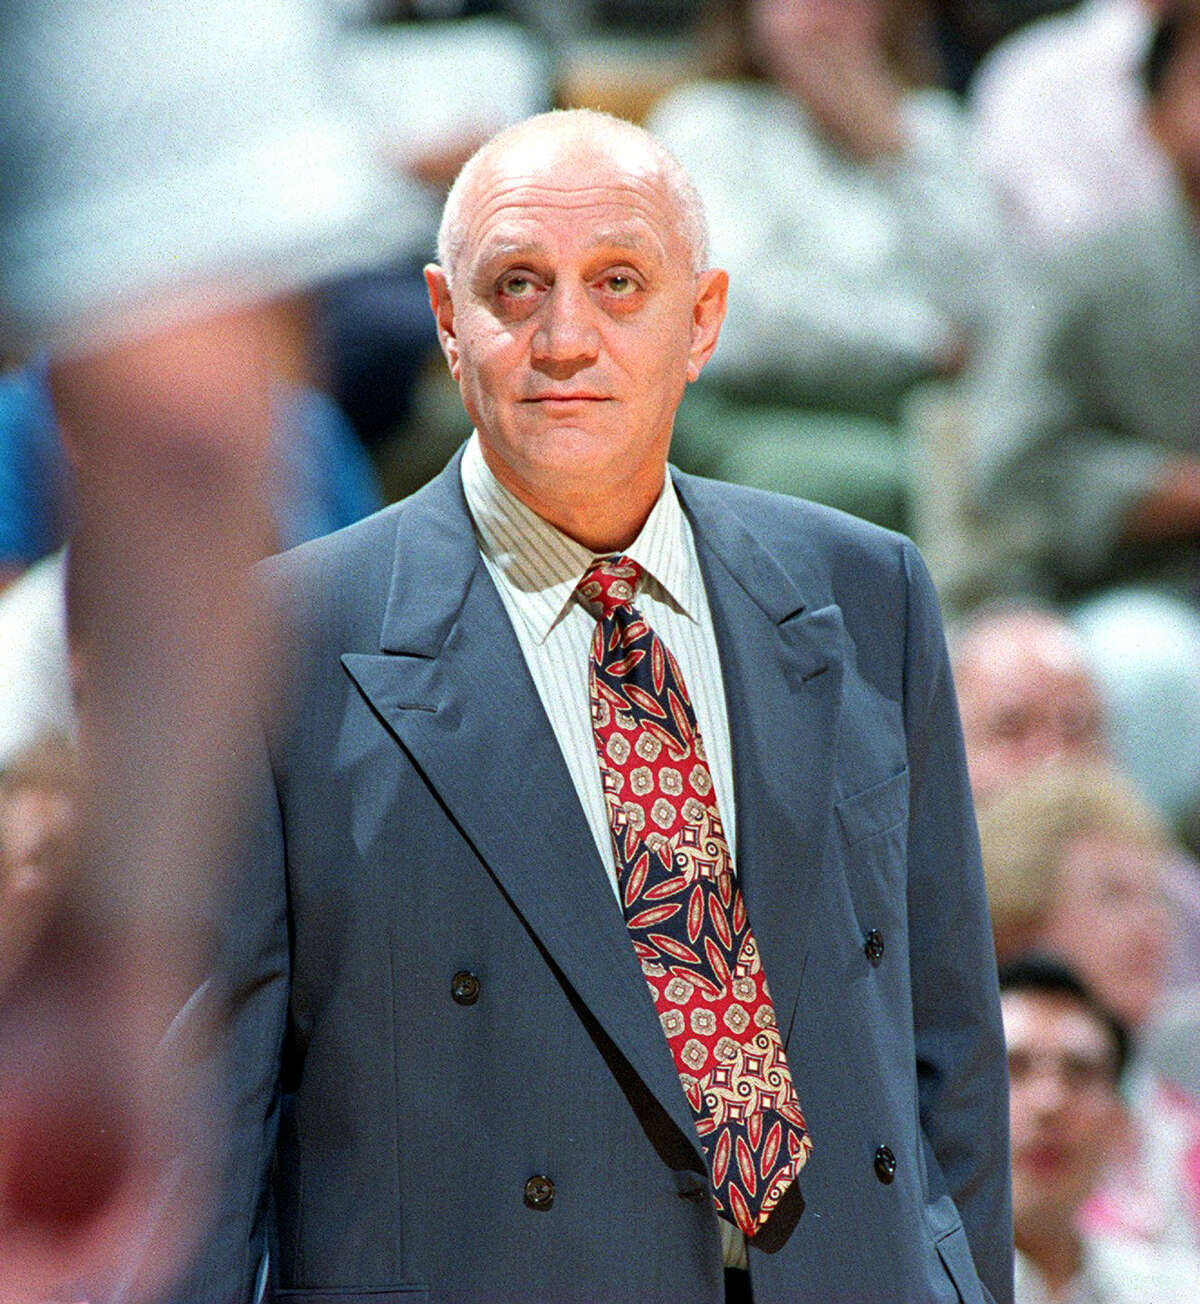 Spurs coach Jerry Tarkanian on Oct. 22, 1992. John Davenport / San Antonio Express-News